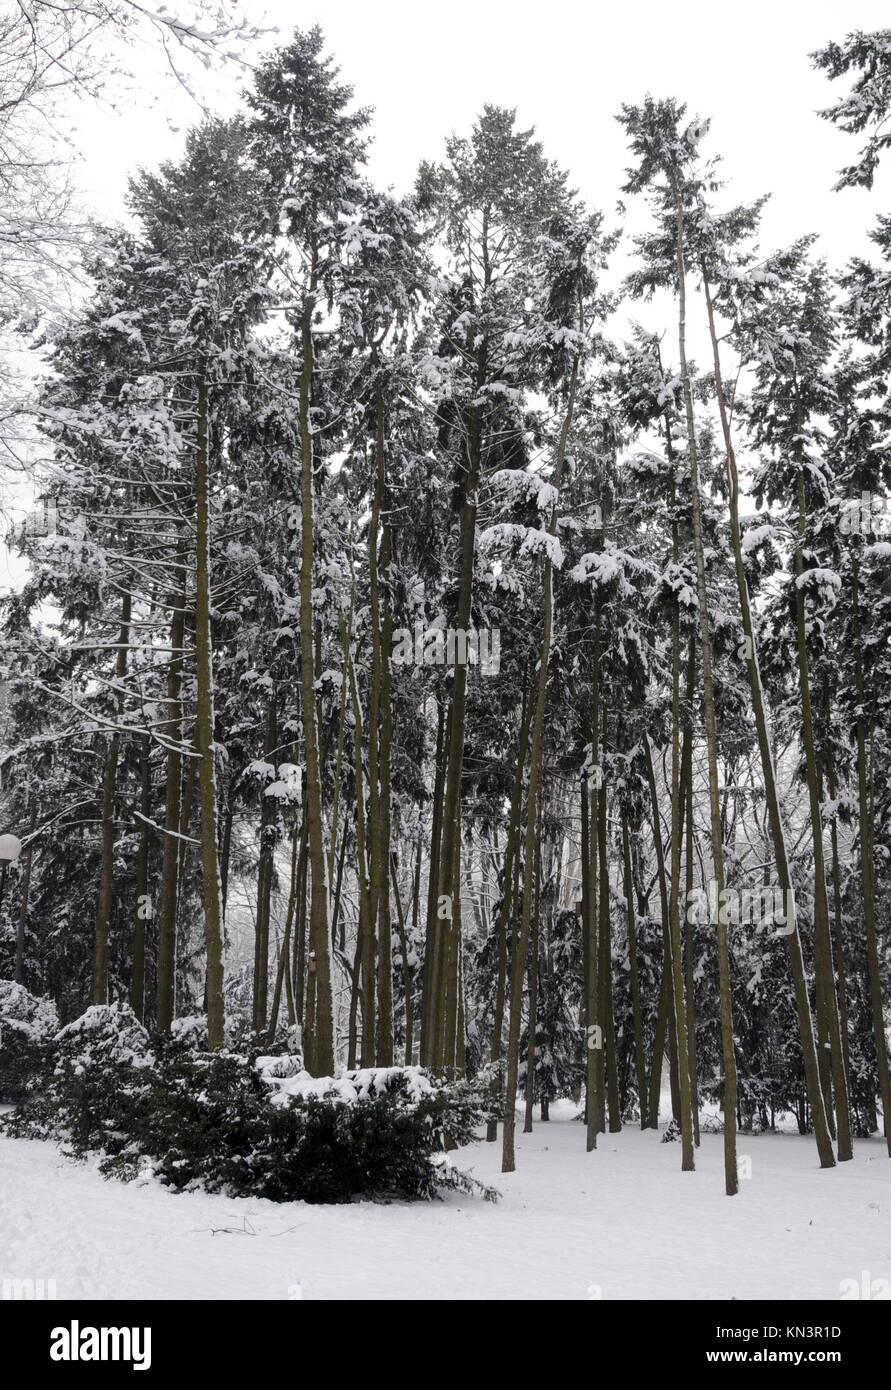 Los Árboles con nieve en coeverd park en Varsovia, Polonia. Imagen De Stock